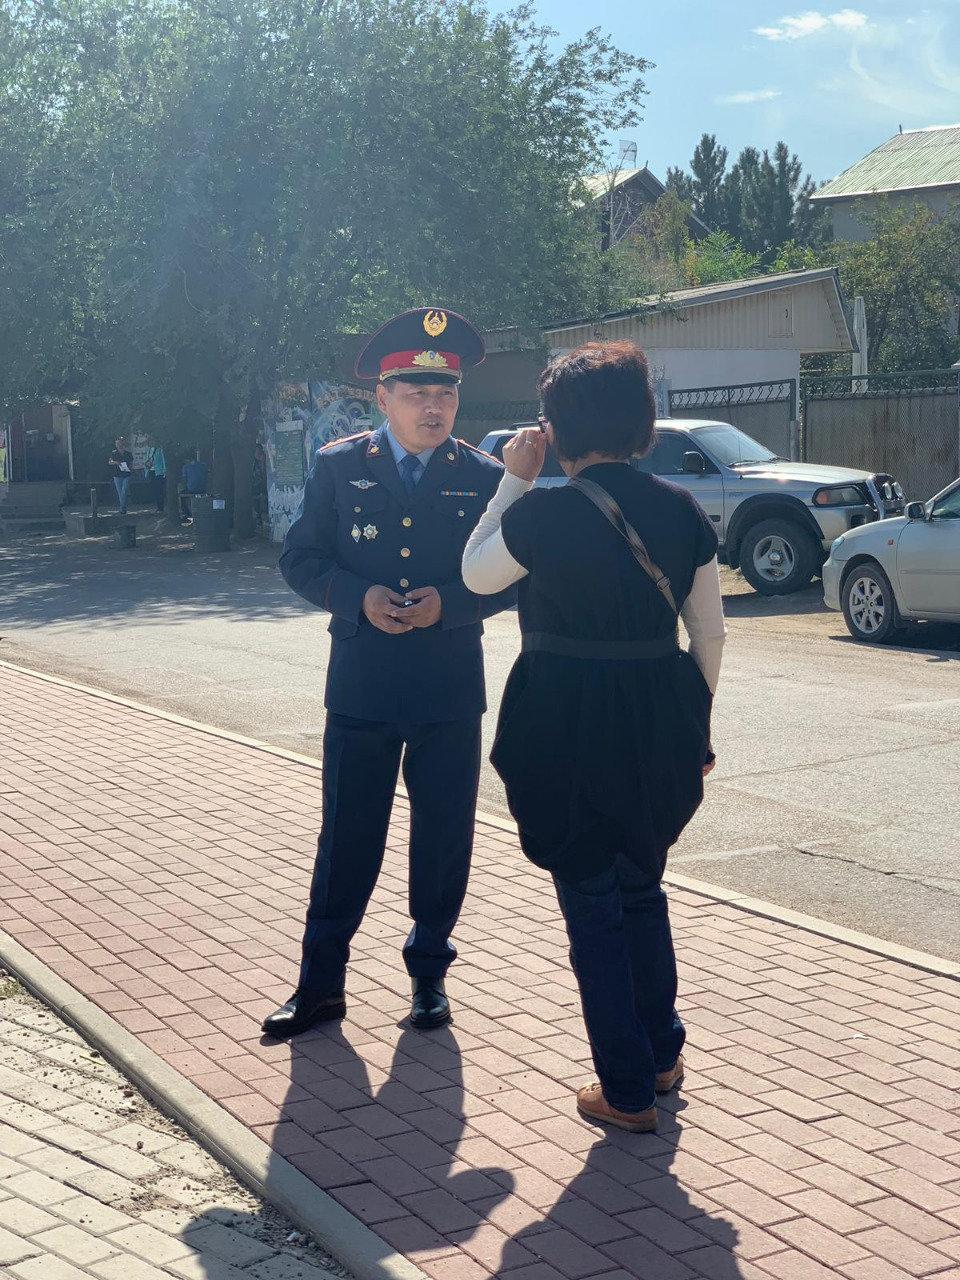 Жителей Алматинской области волнуют вопросы дорожной безопасности и сохранности имущества, фото-2